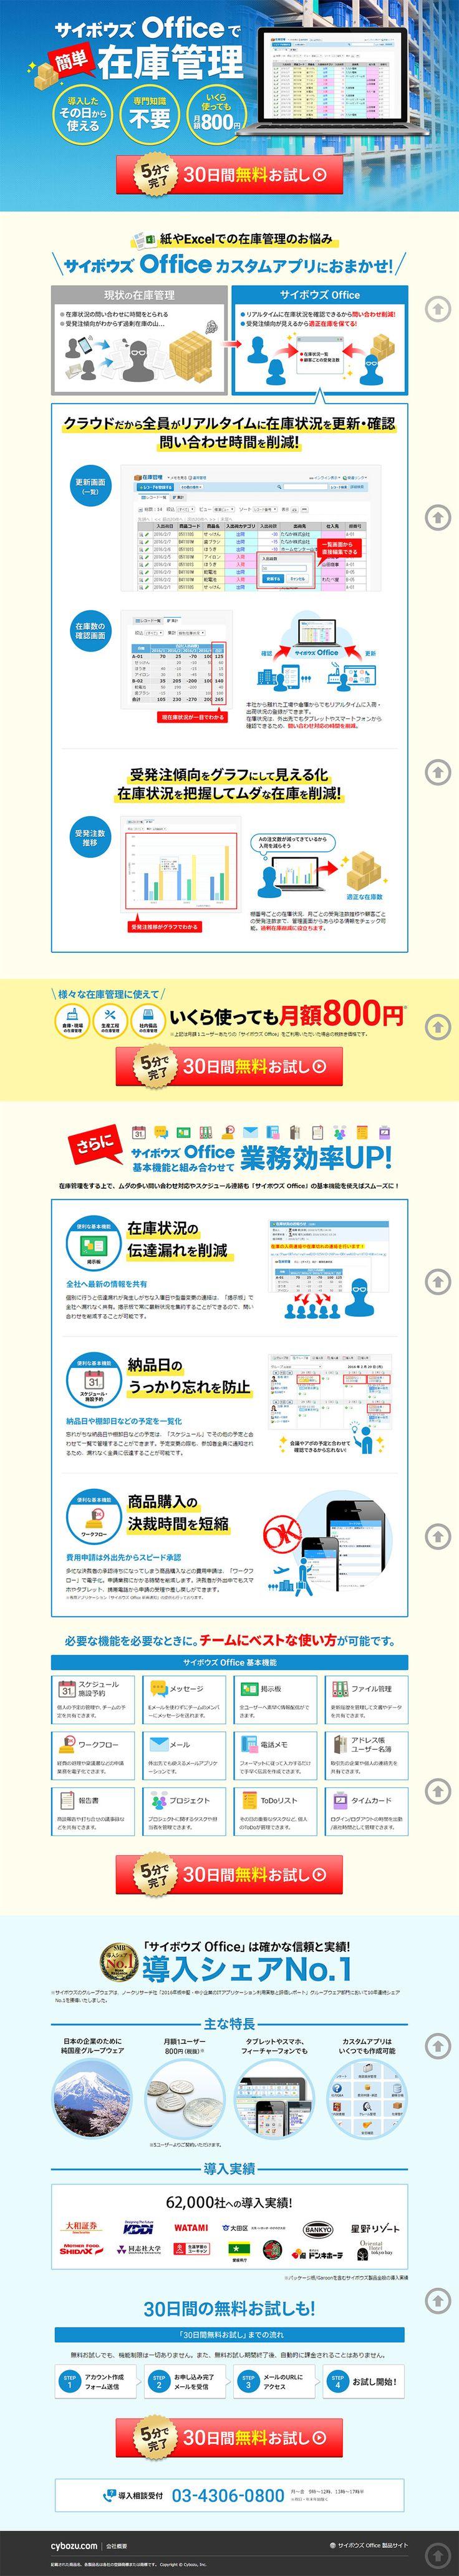 サイボウズOfficeカスタムアプリ【サービス関連】のLPデザイン。WEBデザイナーさん必見!ランディングページのデザイン参考に(力強い系)